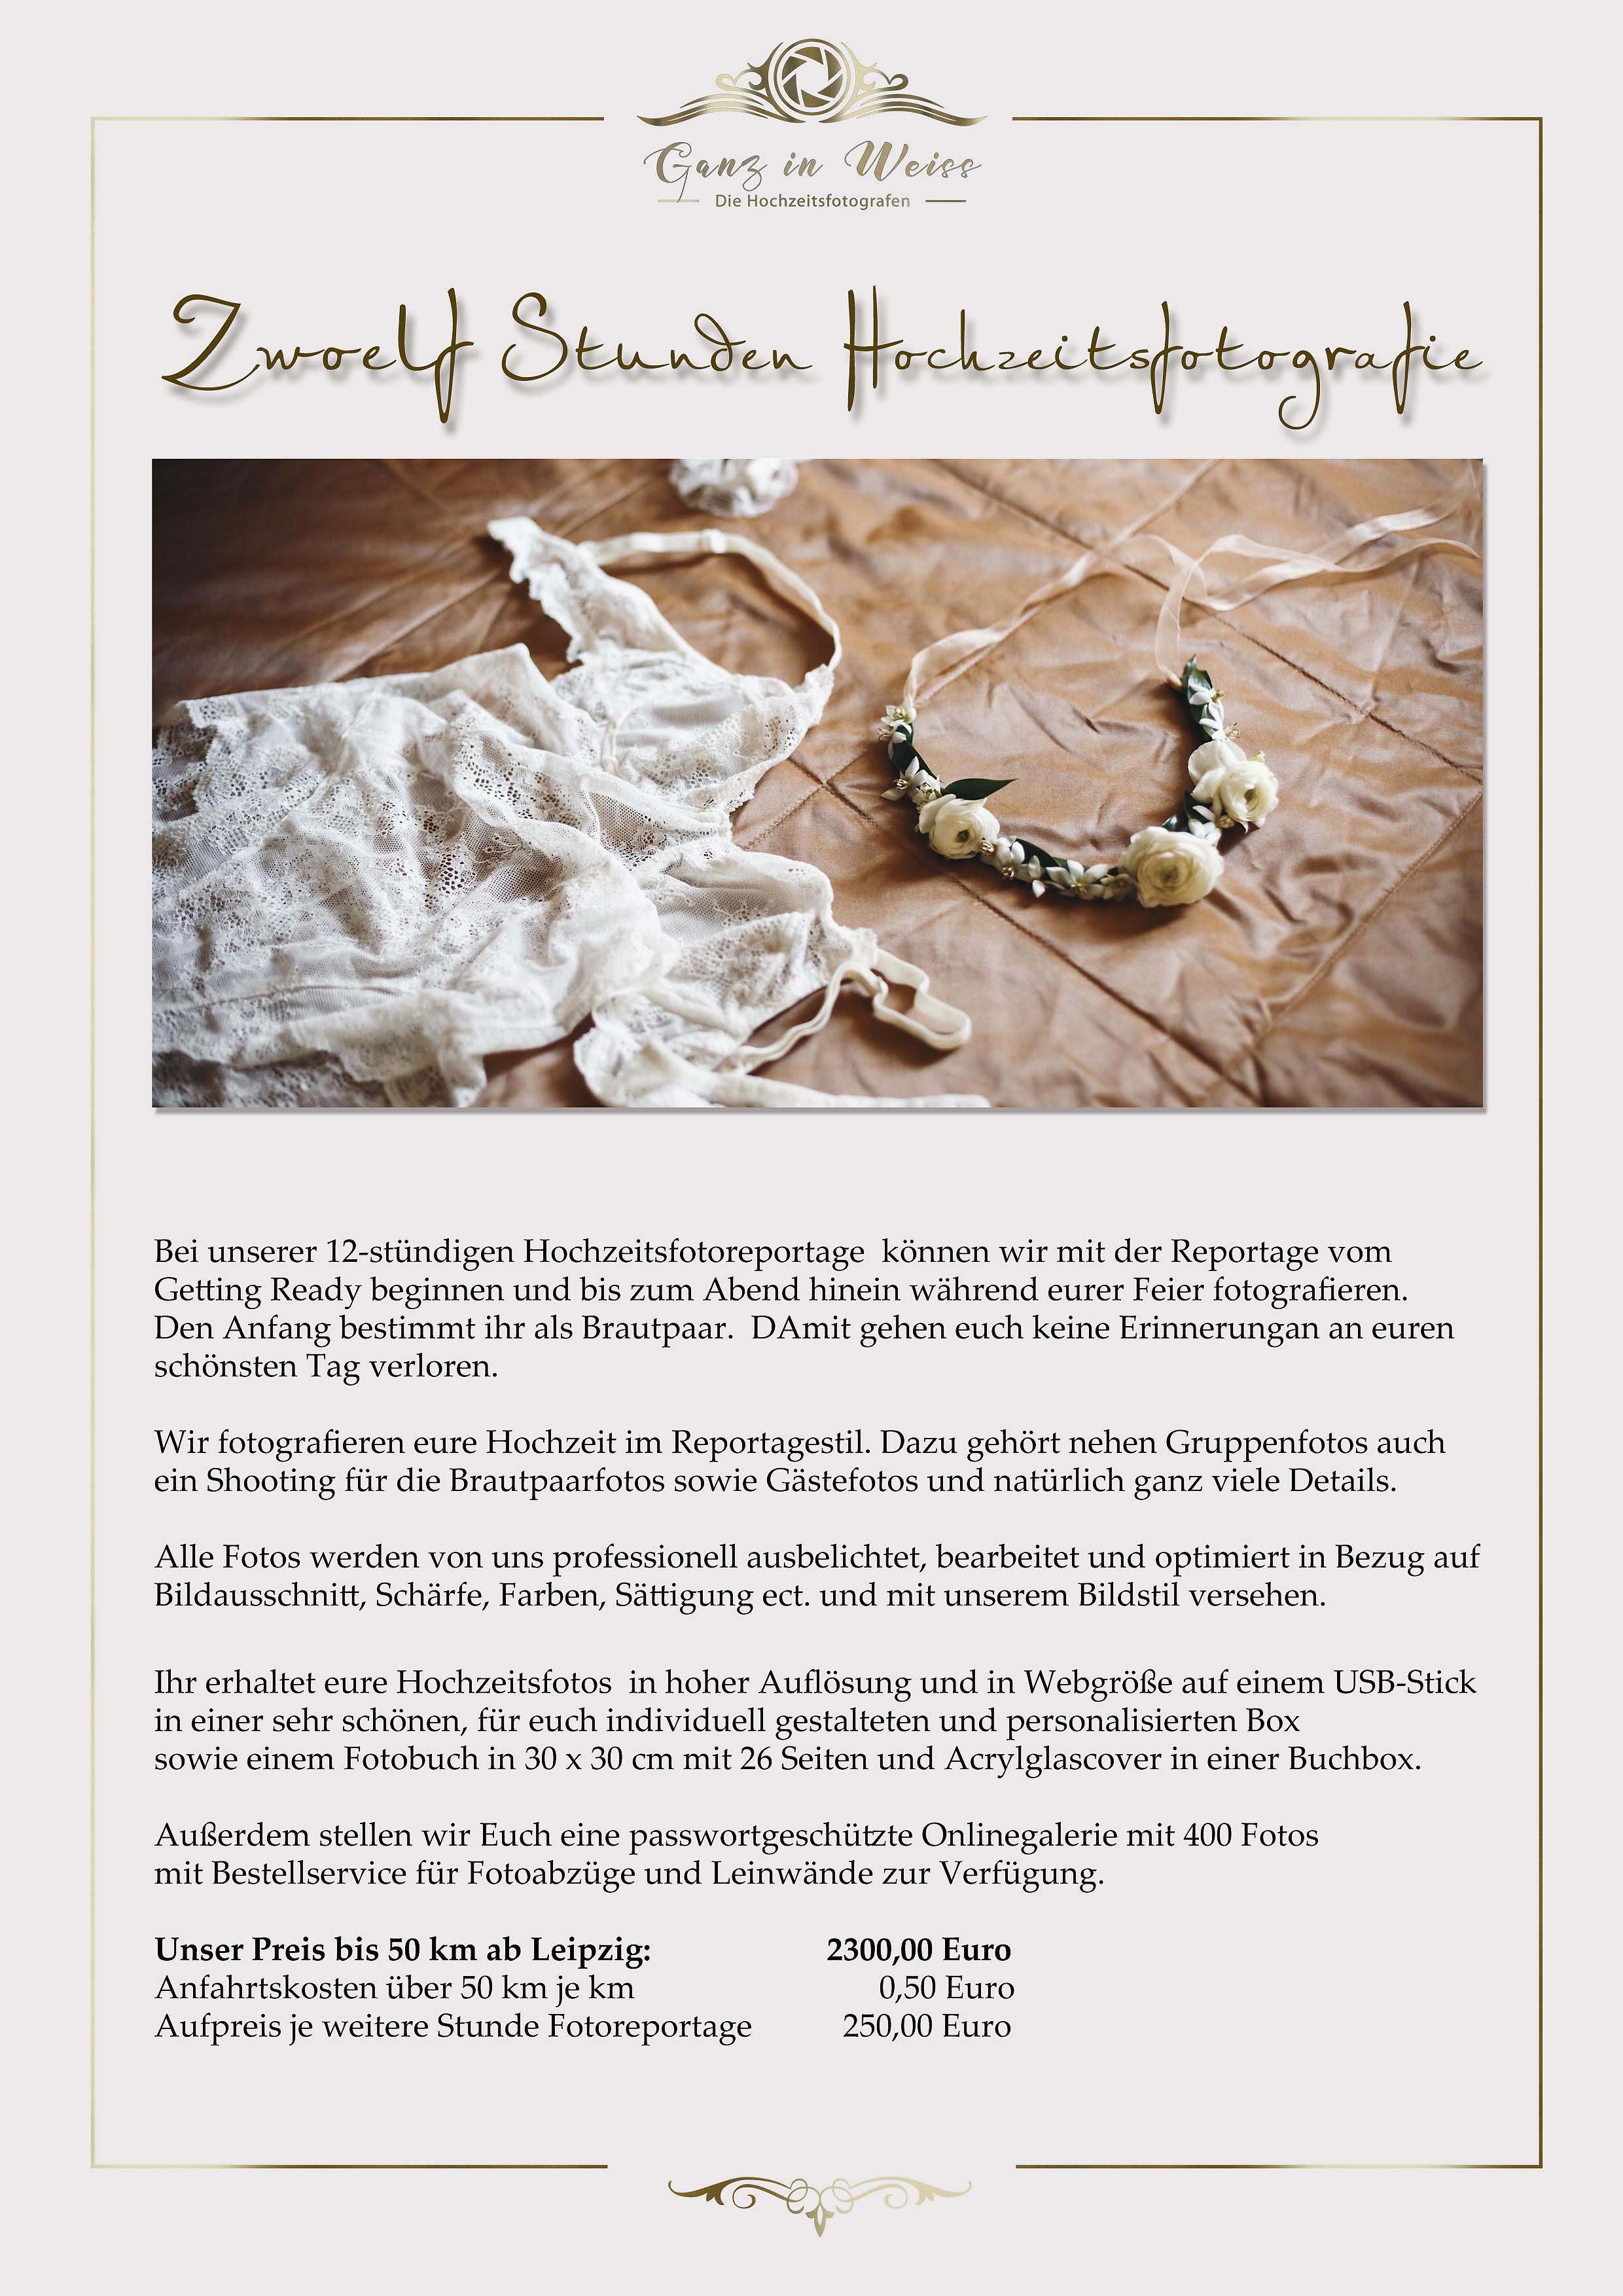 Preise Fr Hochzeitsfotografen